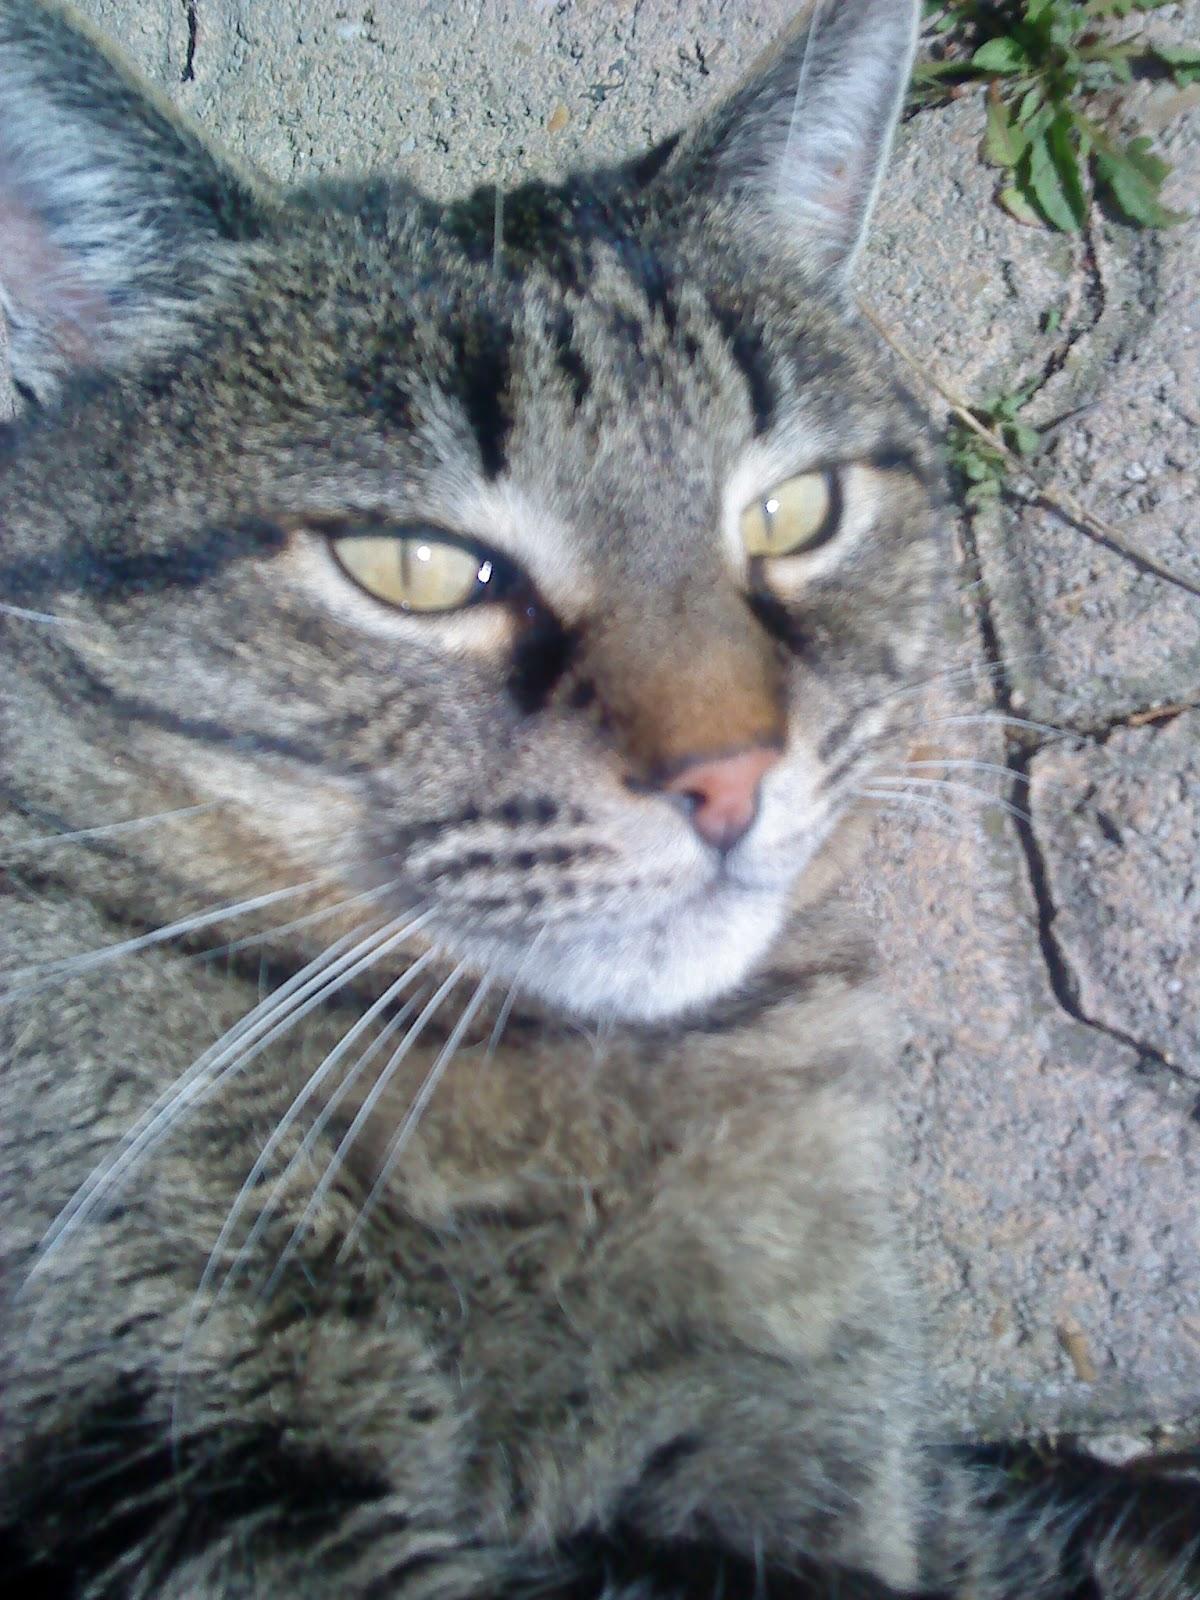 frotter ma chatte serrée trentenaire sexe machines